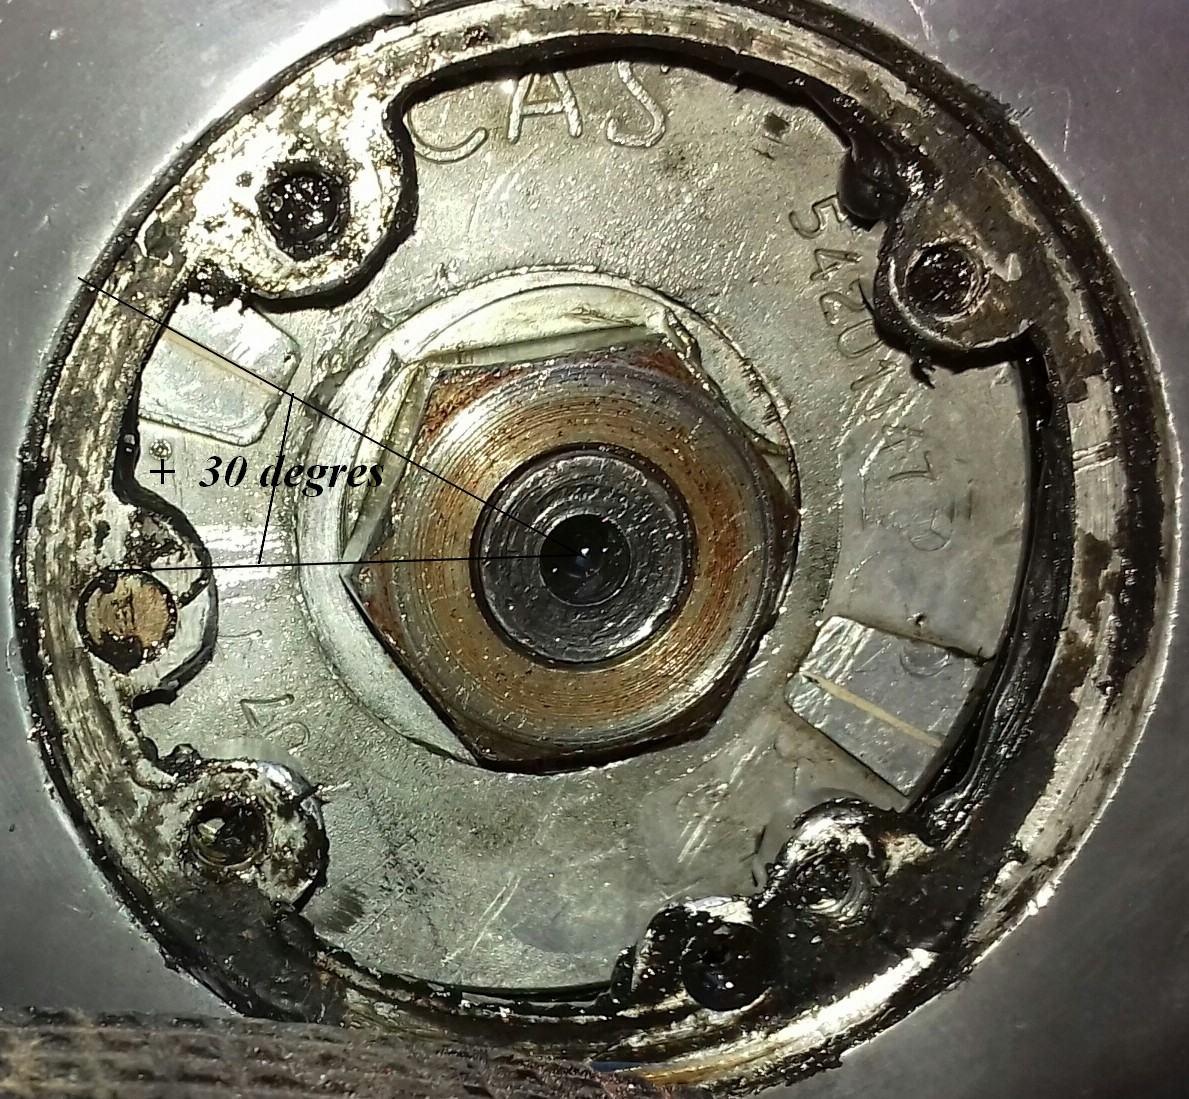 Allumage electro Wassel 19120503473725130916541840